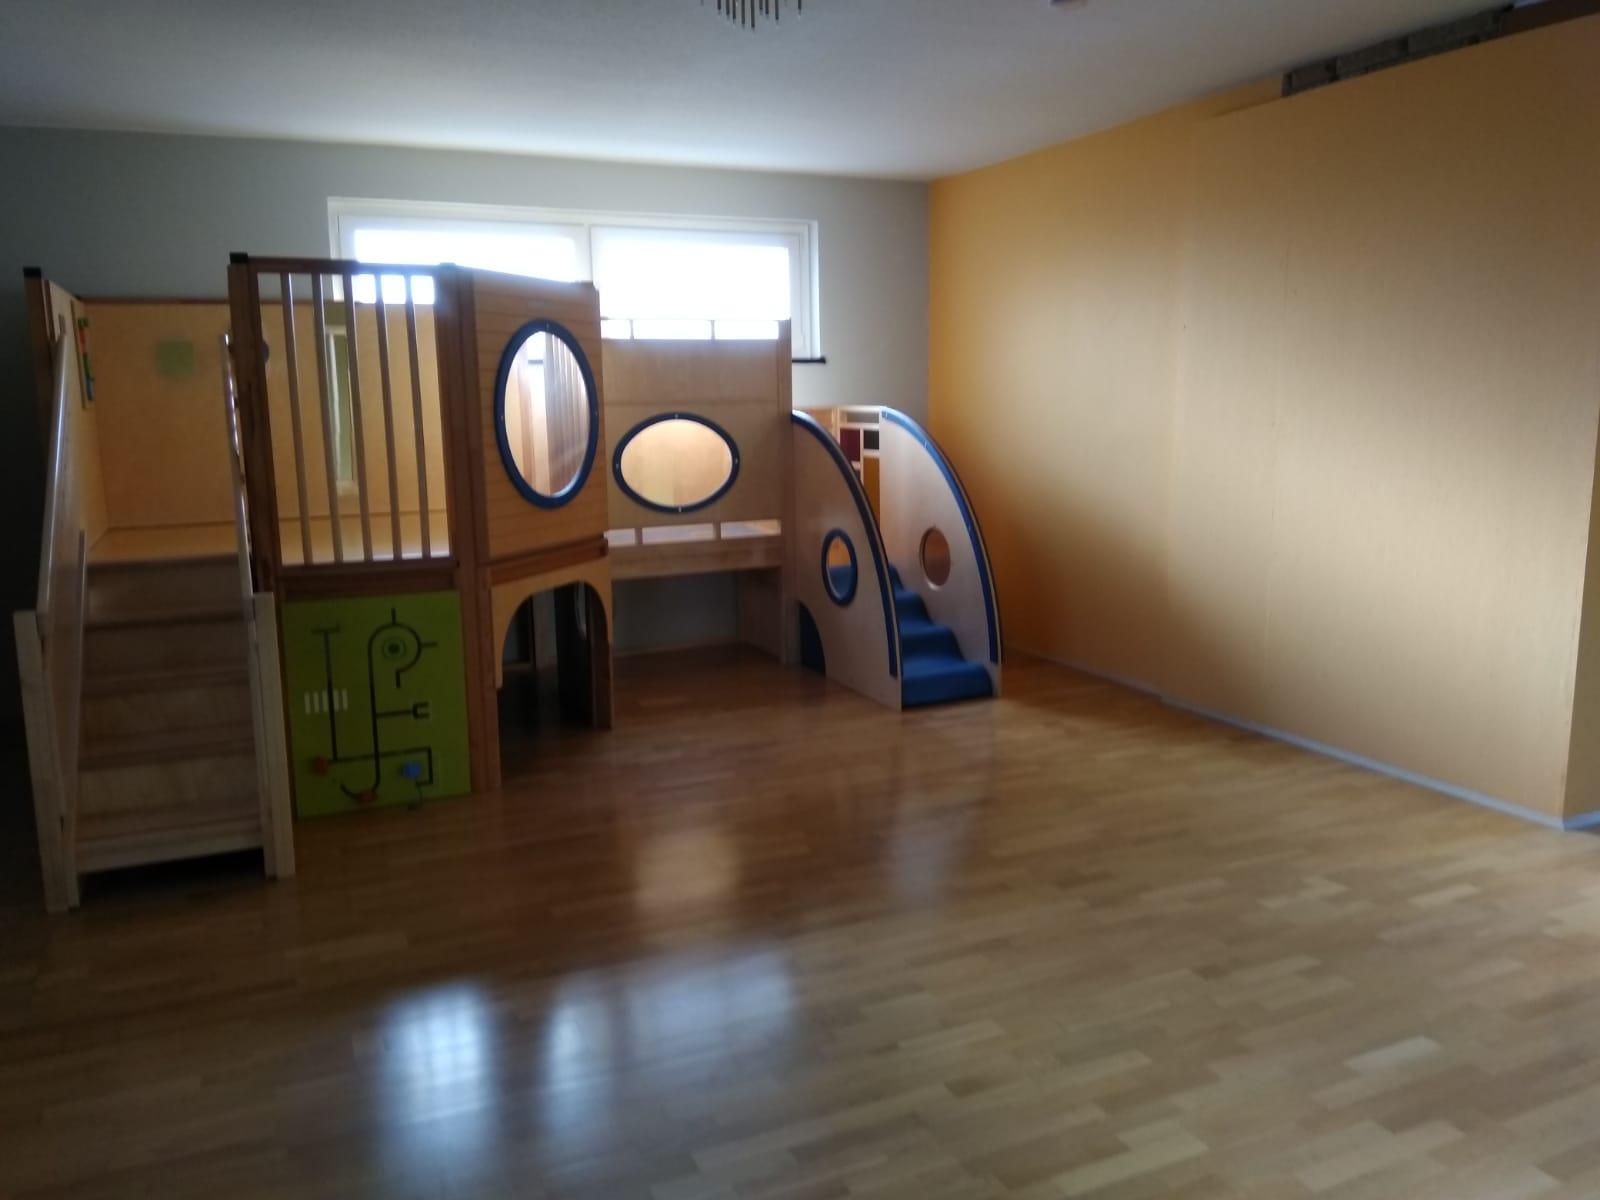 Spiel- und Kletterbereich mit Treppen und Platz zum verstecken Kindertagesstätte (Kita) die Krümelmonster aus Neustadt am Rübenberge